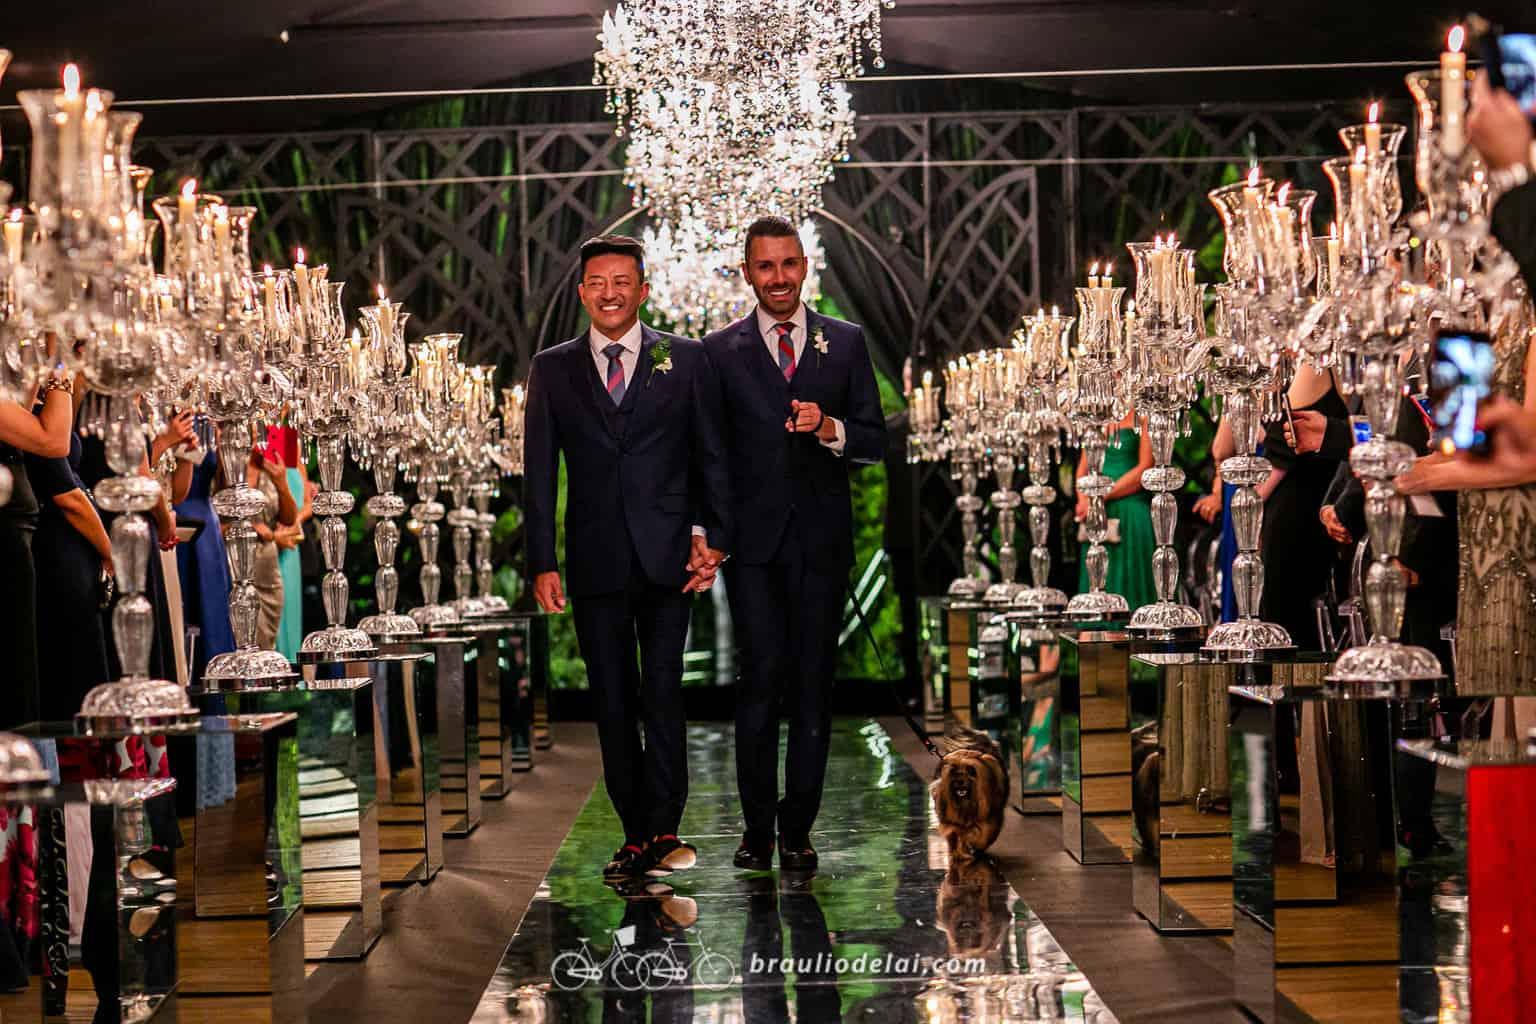 Casamento-Jhonatan-e-Rodrigo-Fotografia-Braulio-Delai-CerimôniaPhoto_0745